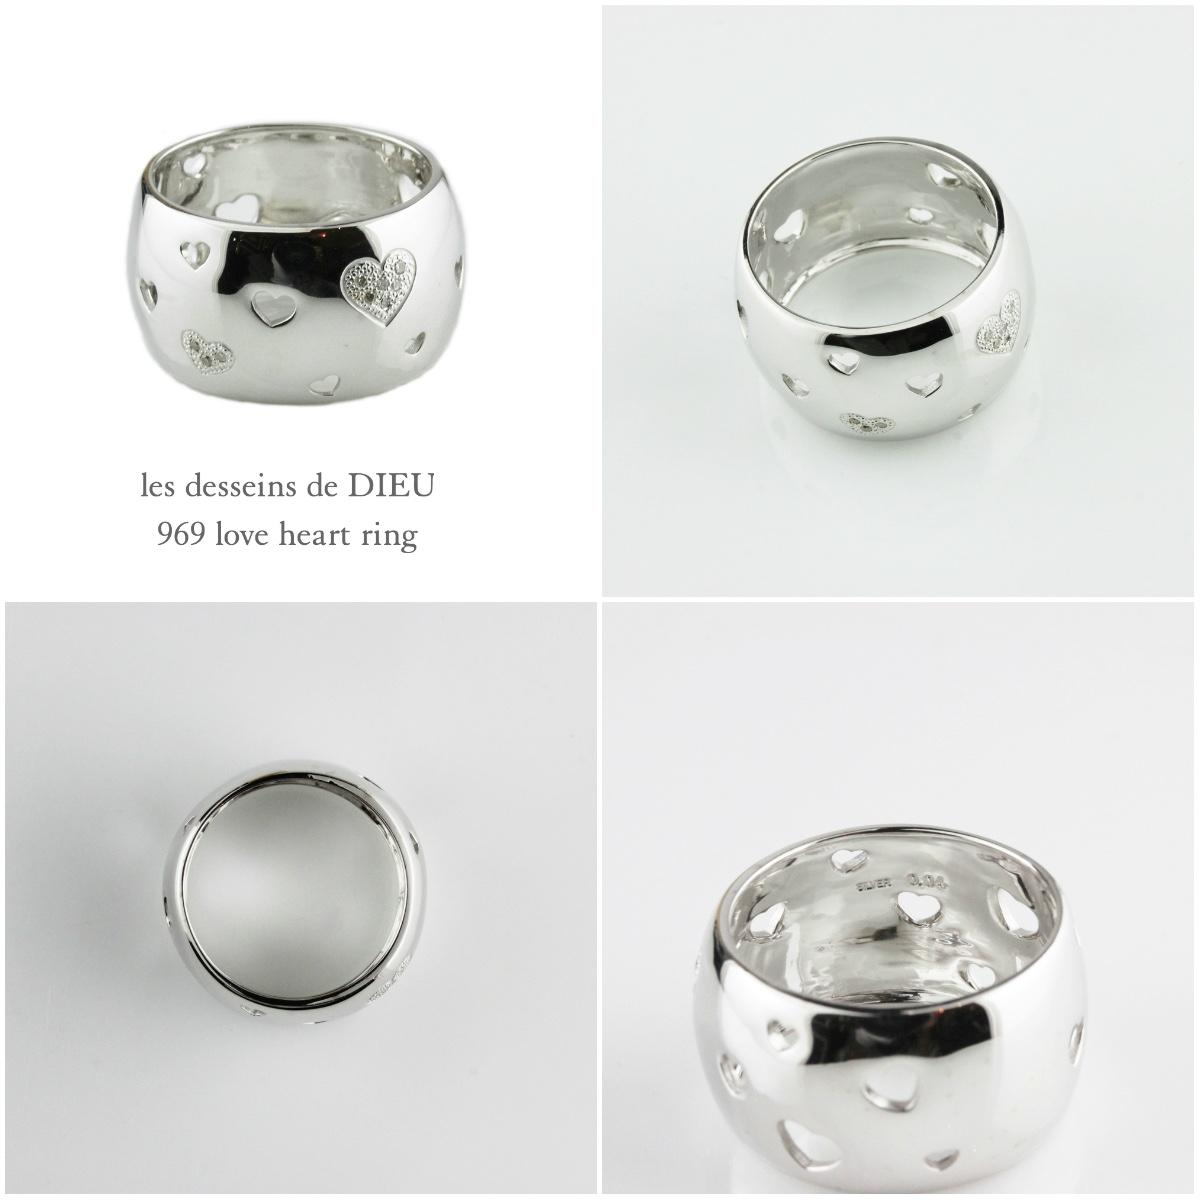 レデッサンドゥデュー 969 ラブ ハート リング 太め ボリューム シルバー925,les desseins de DIEU Love Heart Ring Silver925